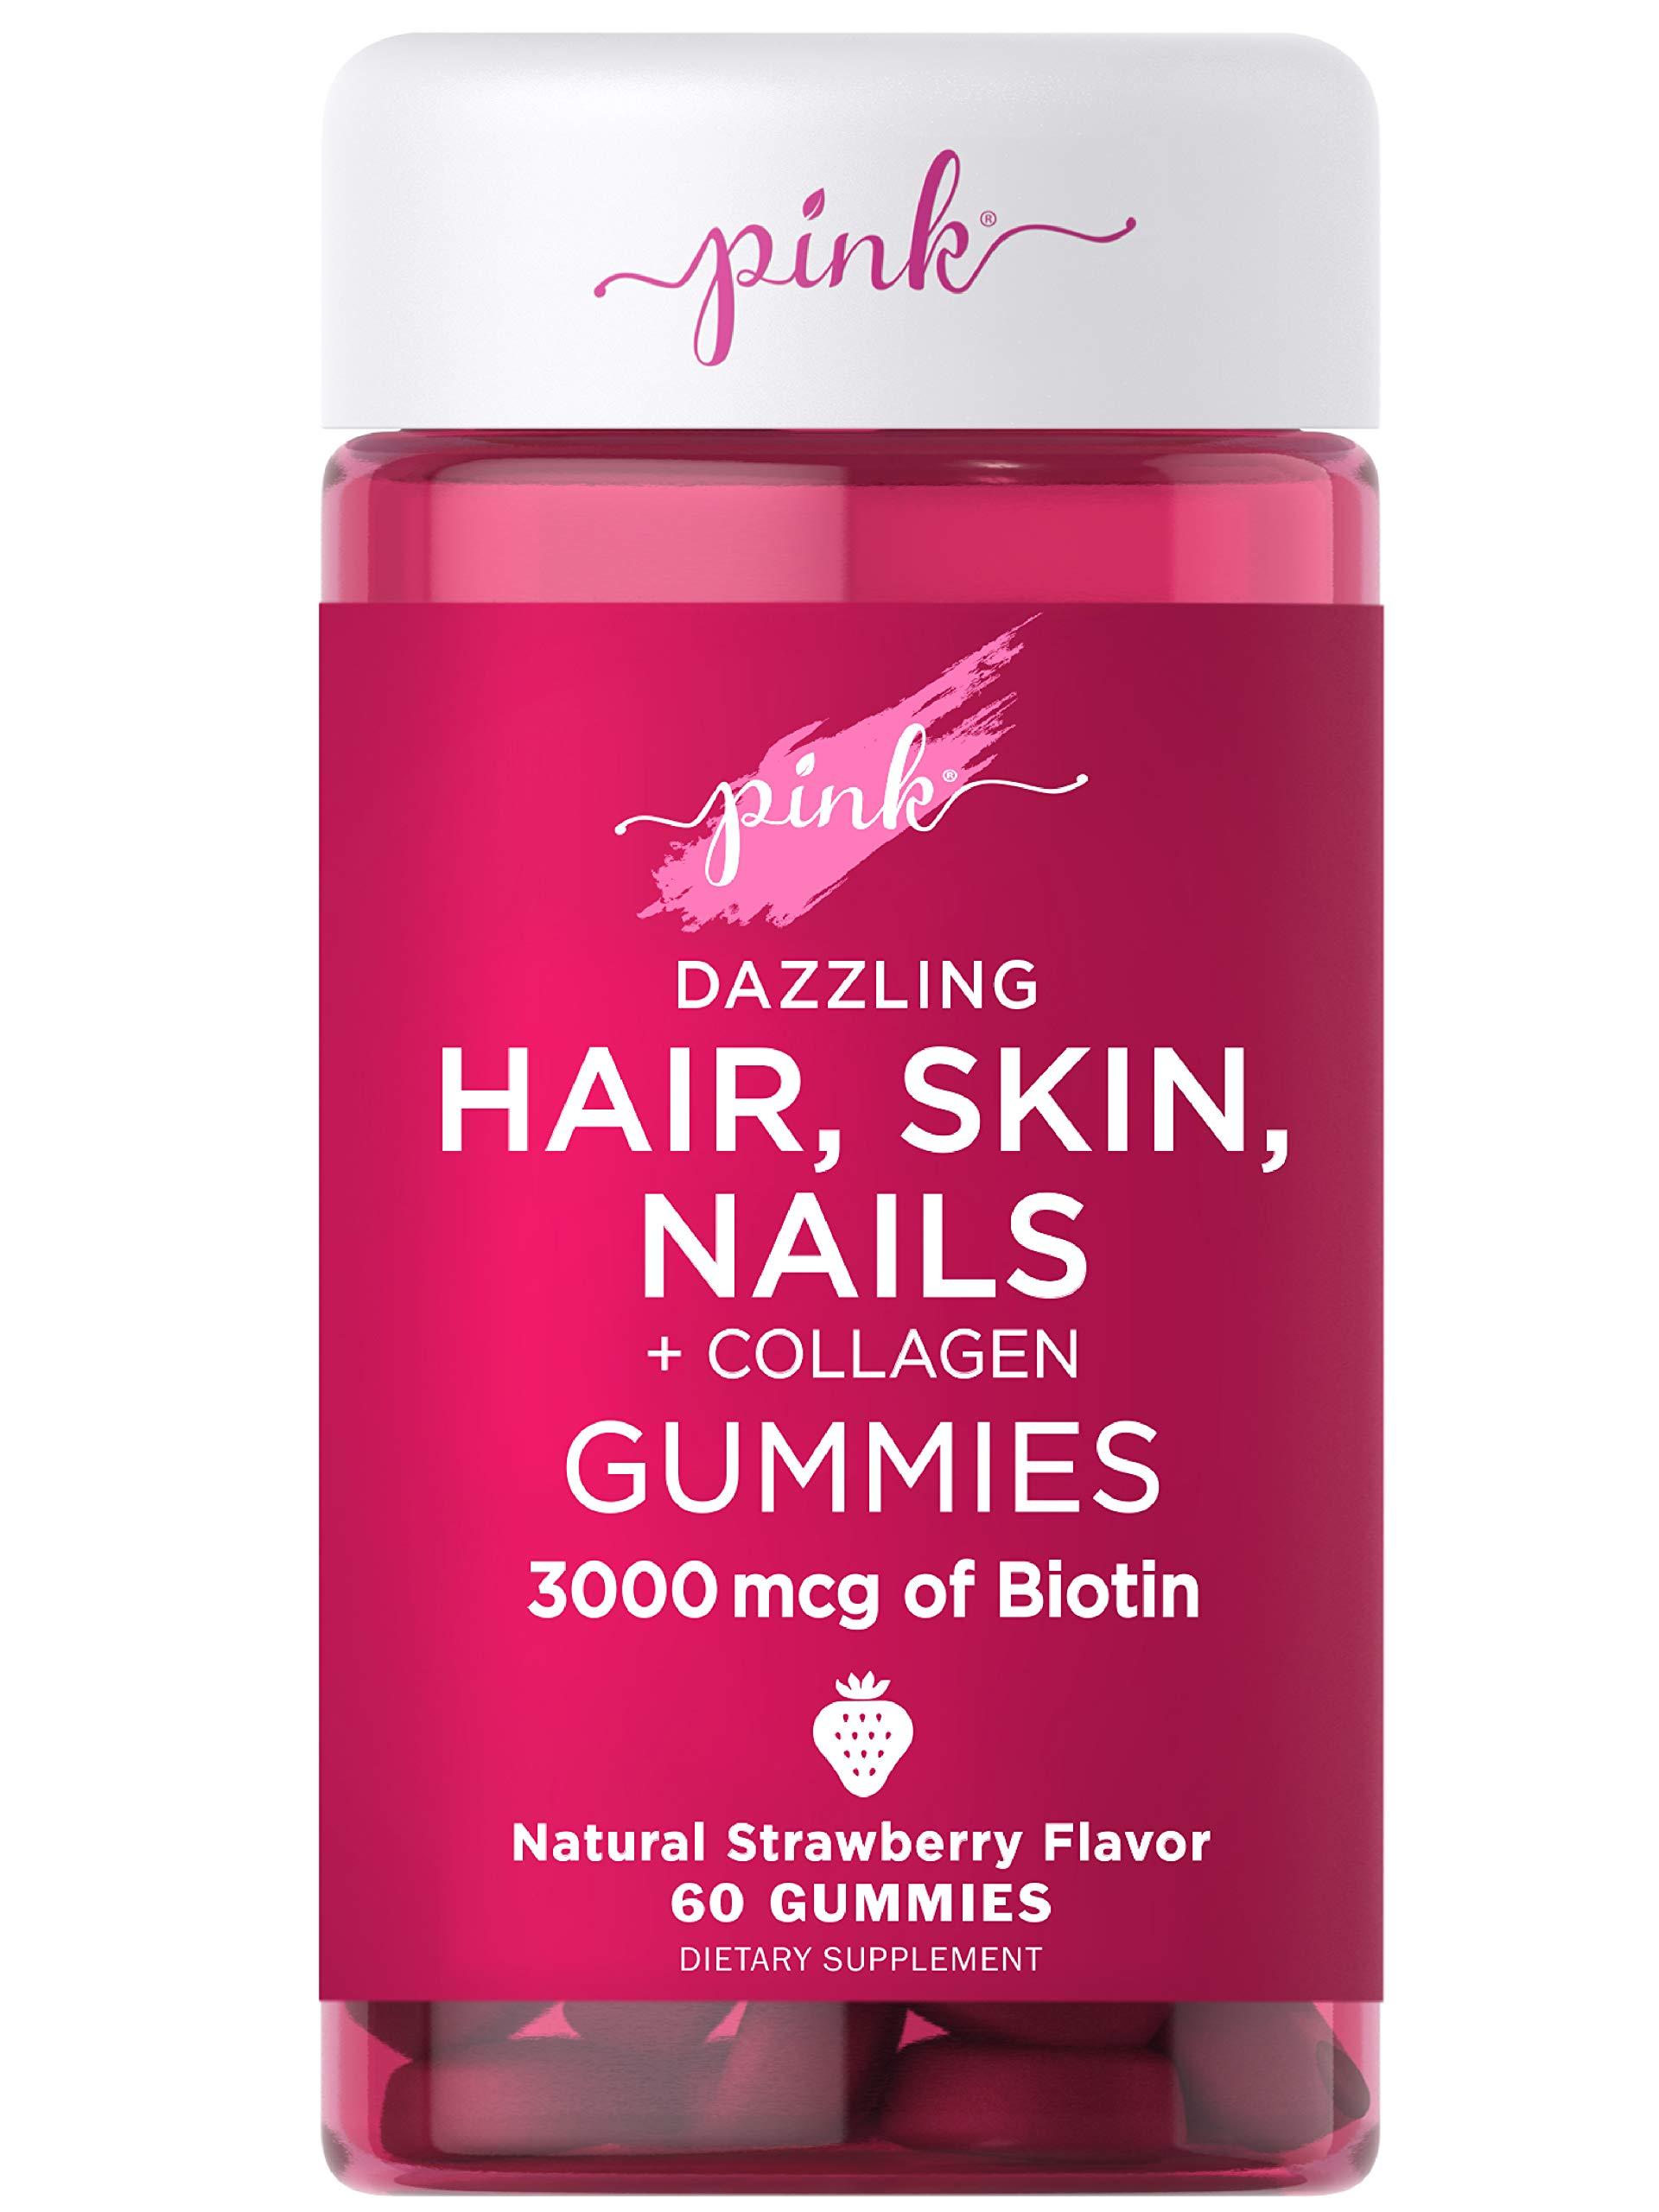 Pink Hair Skin Nails Gummies | 60 Count | Plus Collagen | Non-GMO & Gluten Free Vitamins for Women | Strawberry Flavor